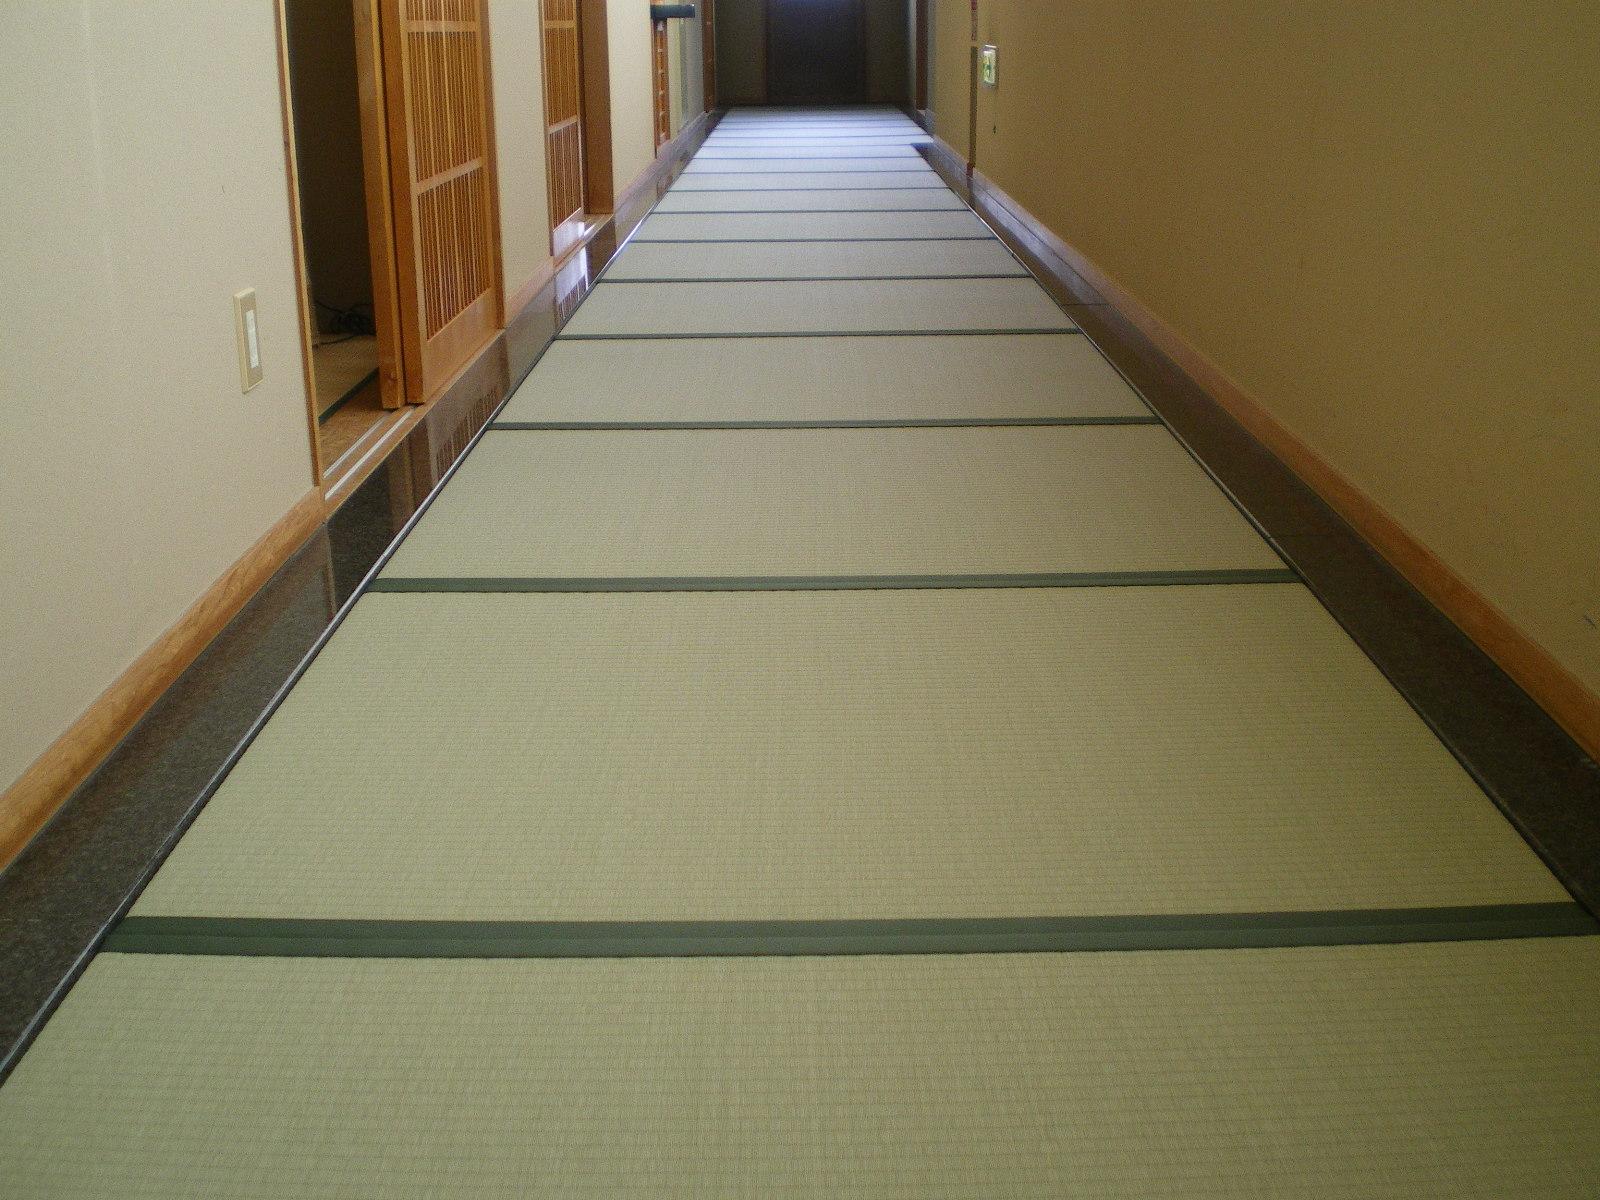 ホテル廊下に新畳(セキスイ美草グリーン)